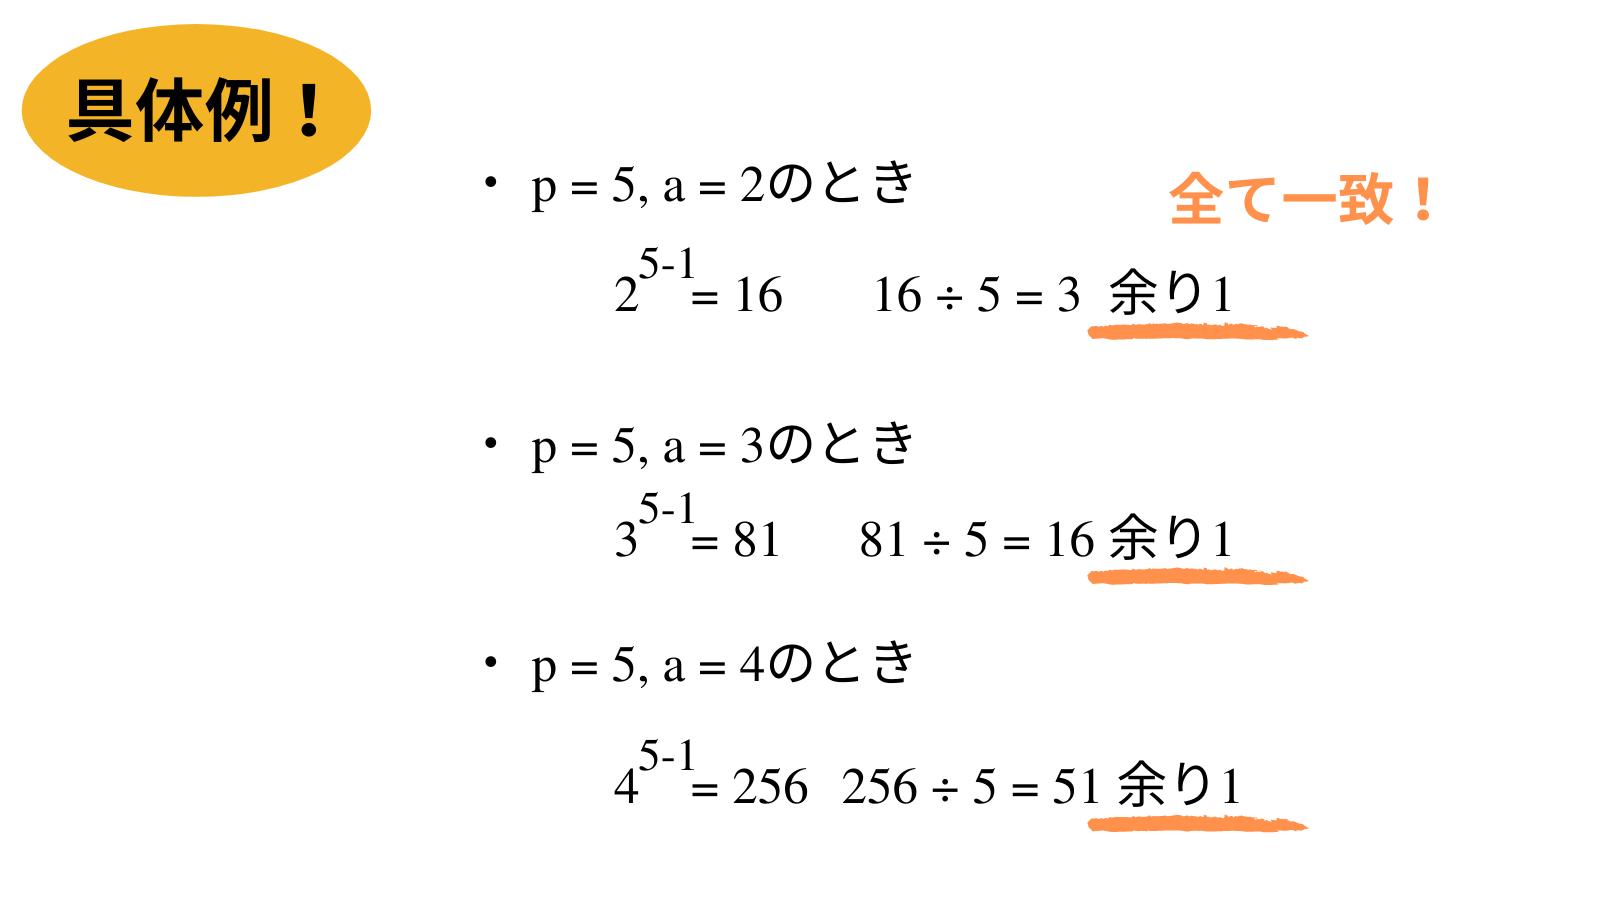 フェルマーの小定理の具体例